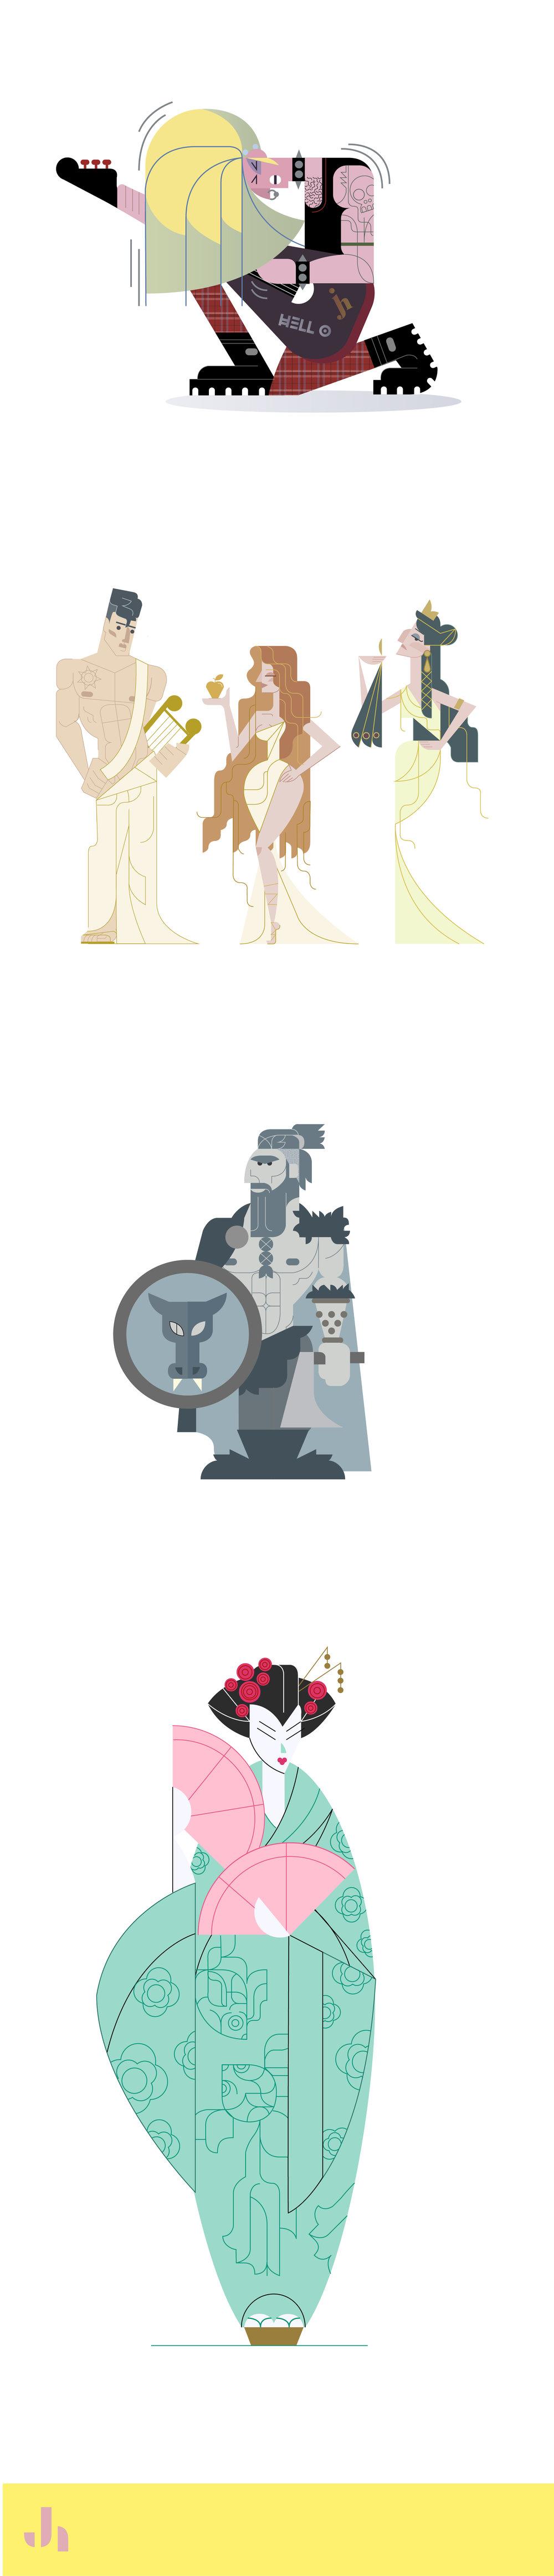 character design challenge_heavy_metal.jpg